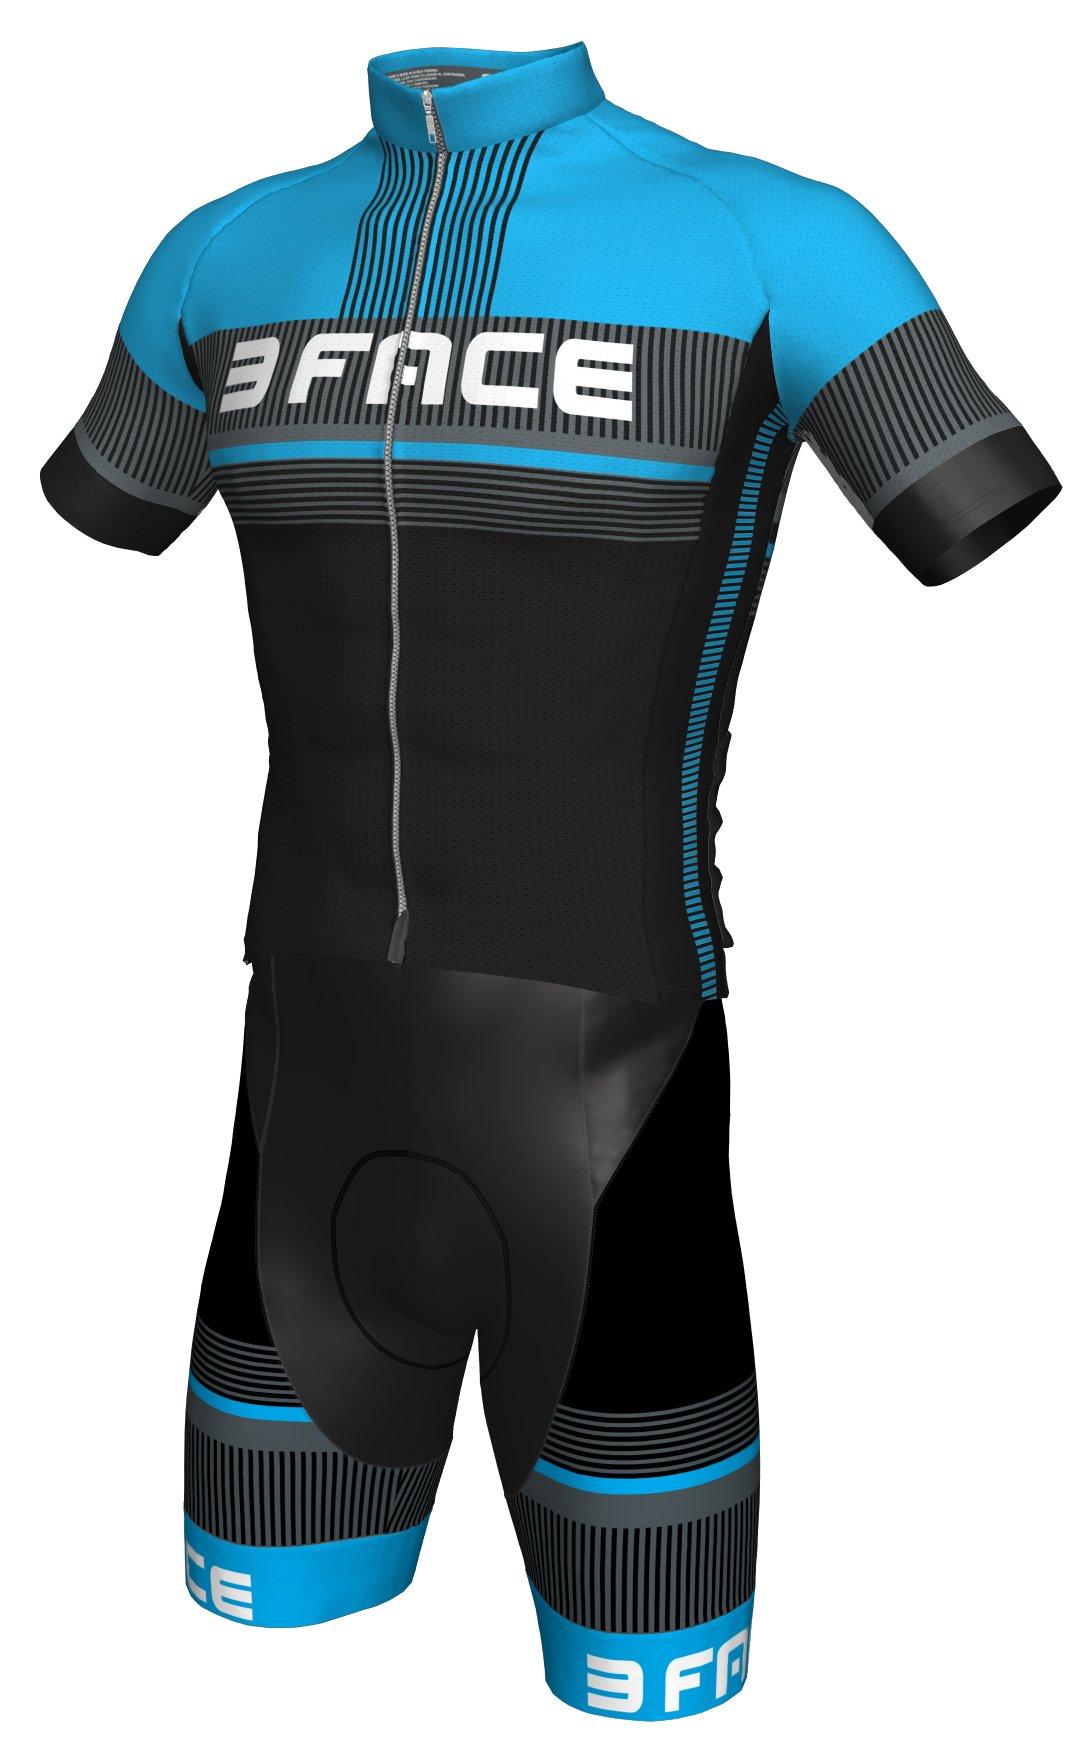 Threeface - Conjunto de Verano para Ciclismo, Camiseta + Peto Deal, Ropa para Bicicleta MTB (Azul, M): Amazon.es: Deportes y aire libre